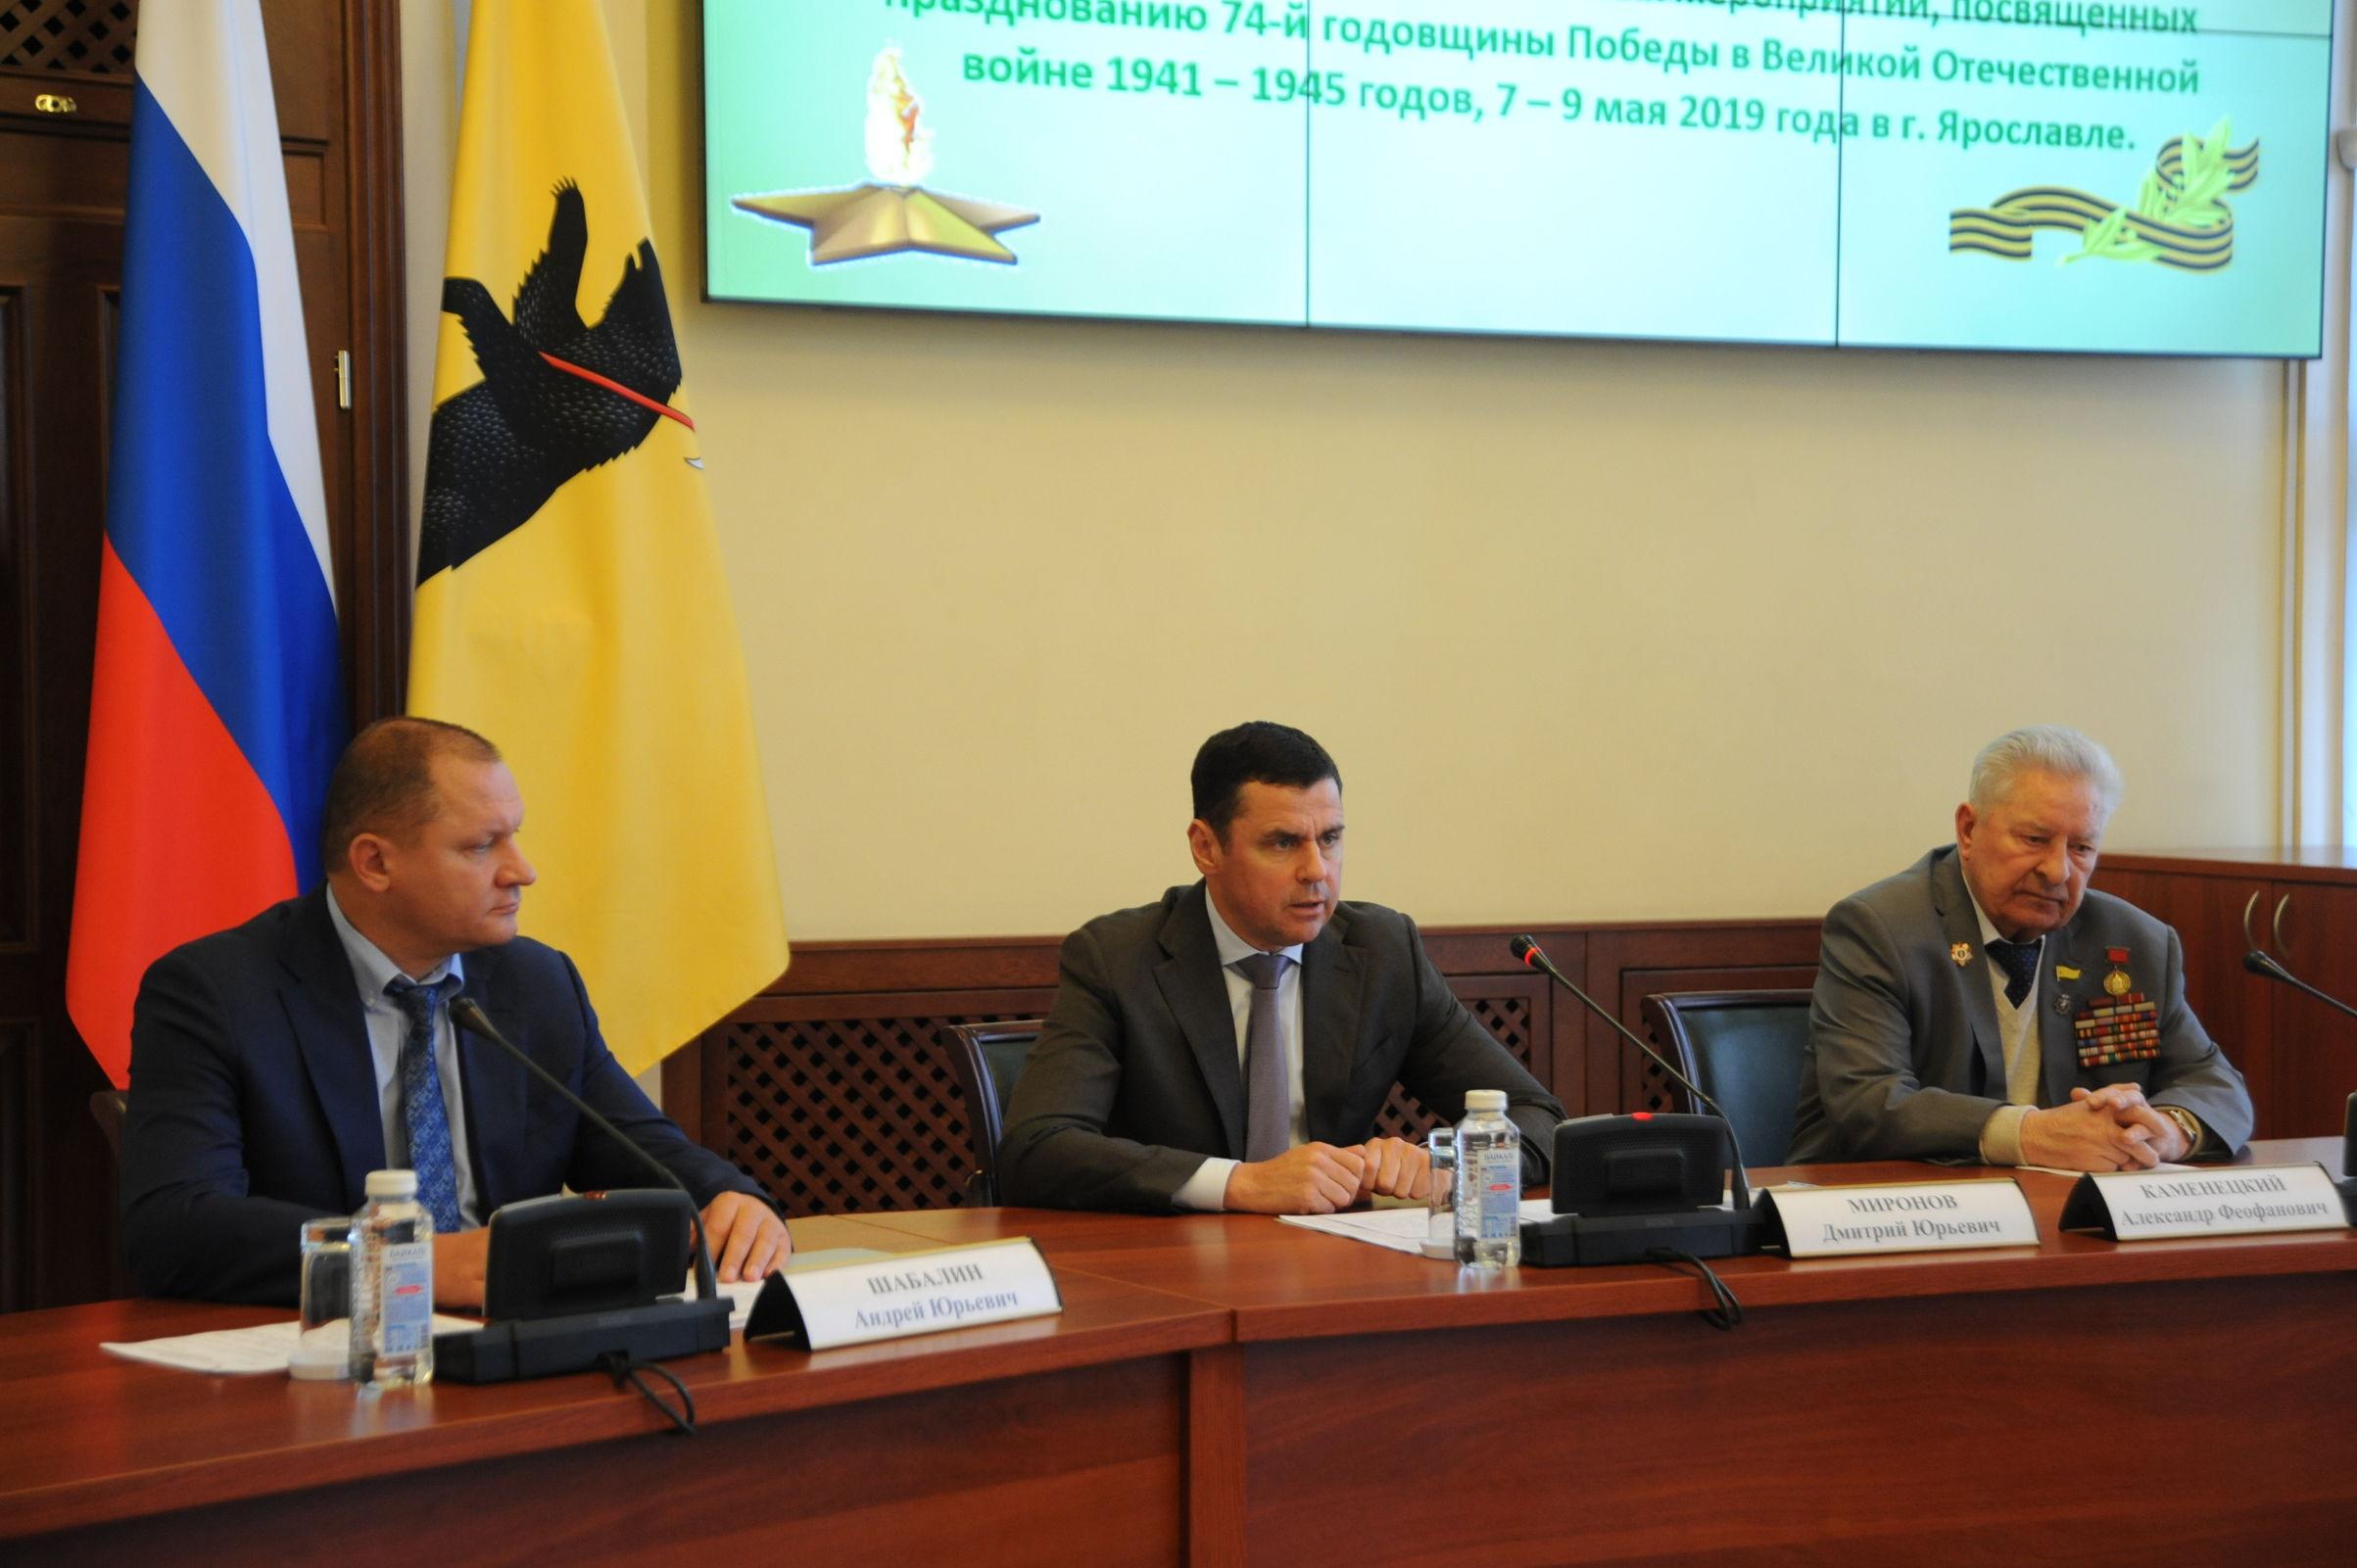 Дмитрий Миронов провел заседание оргкомитета «Победа»